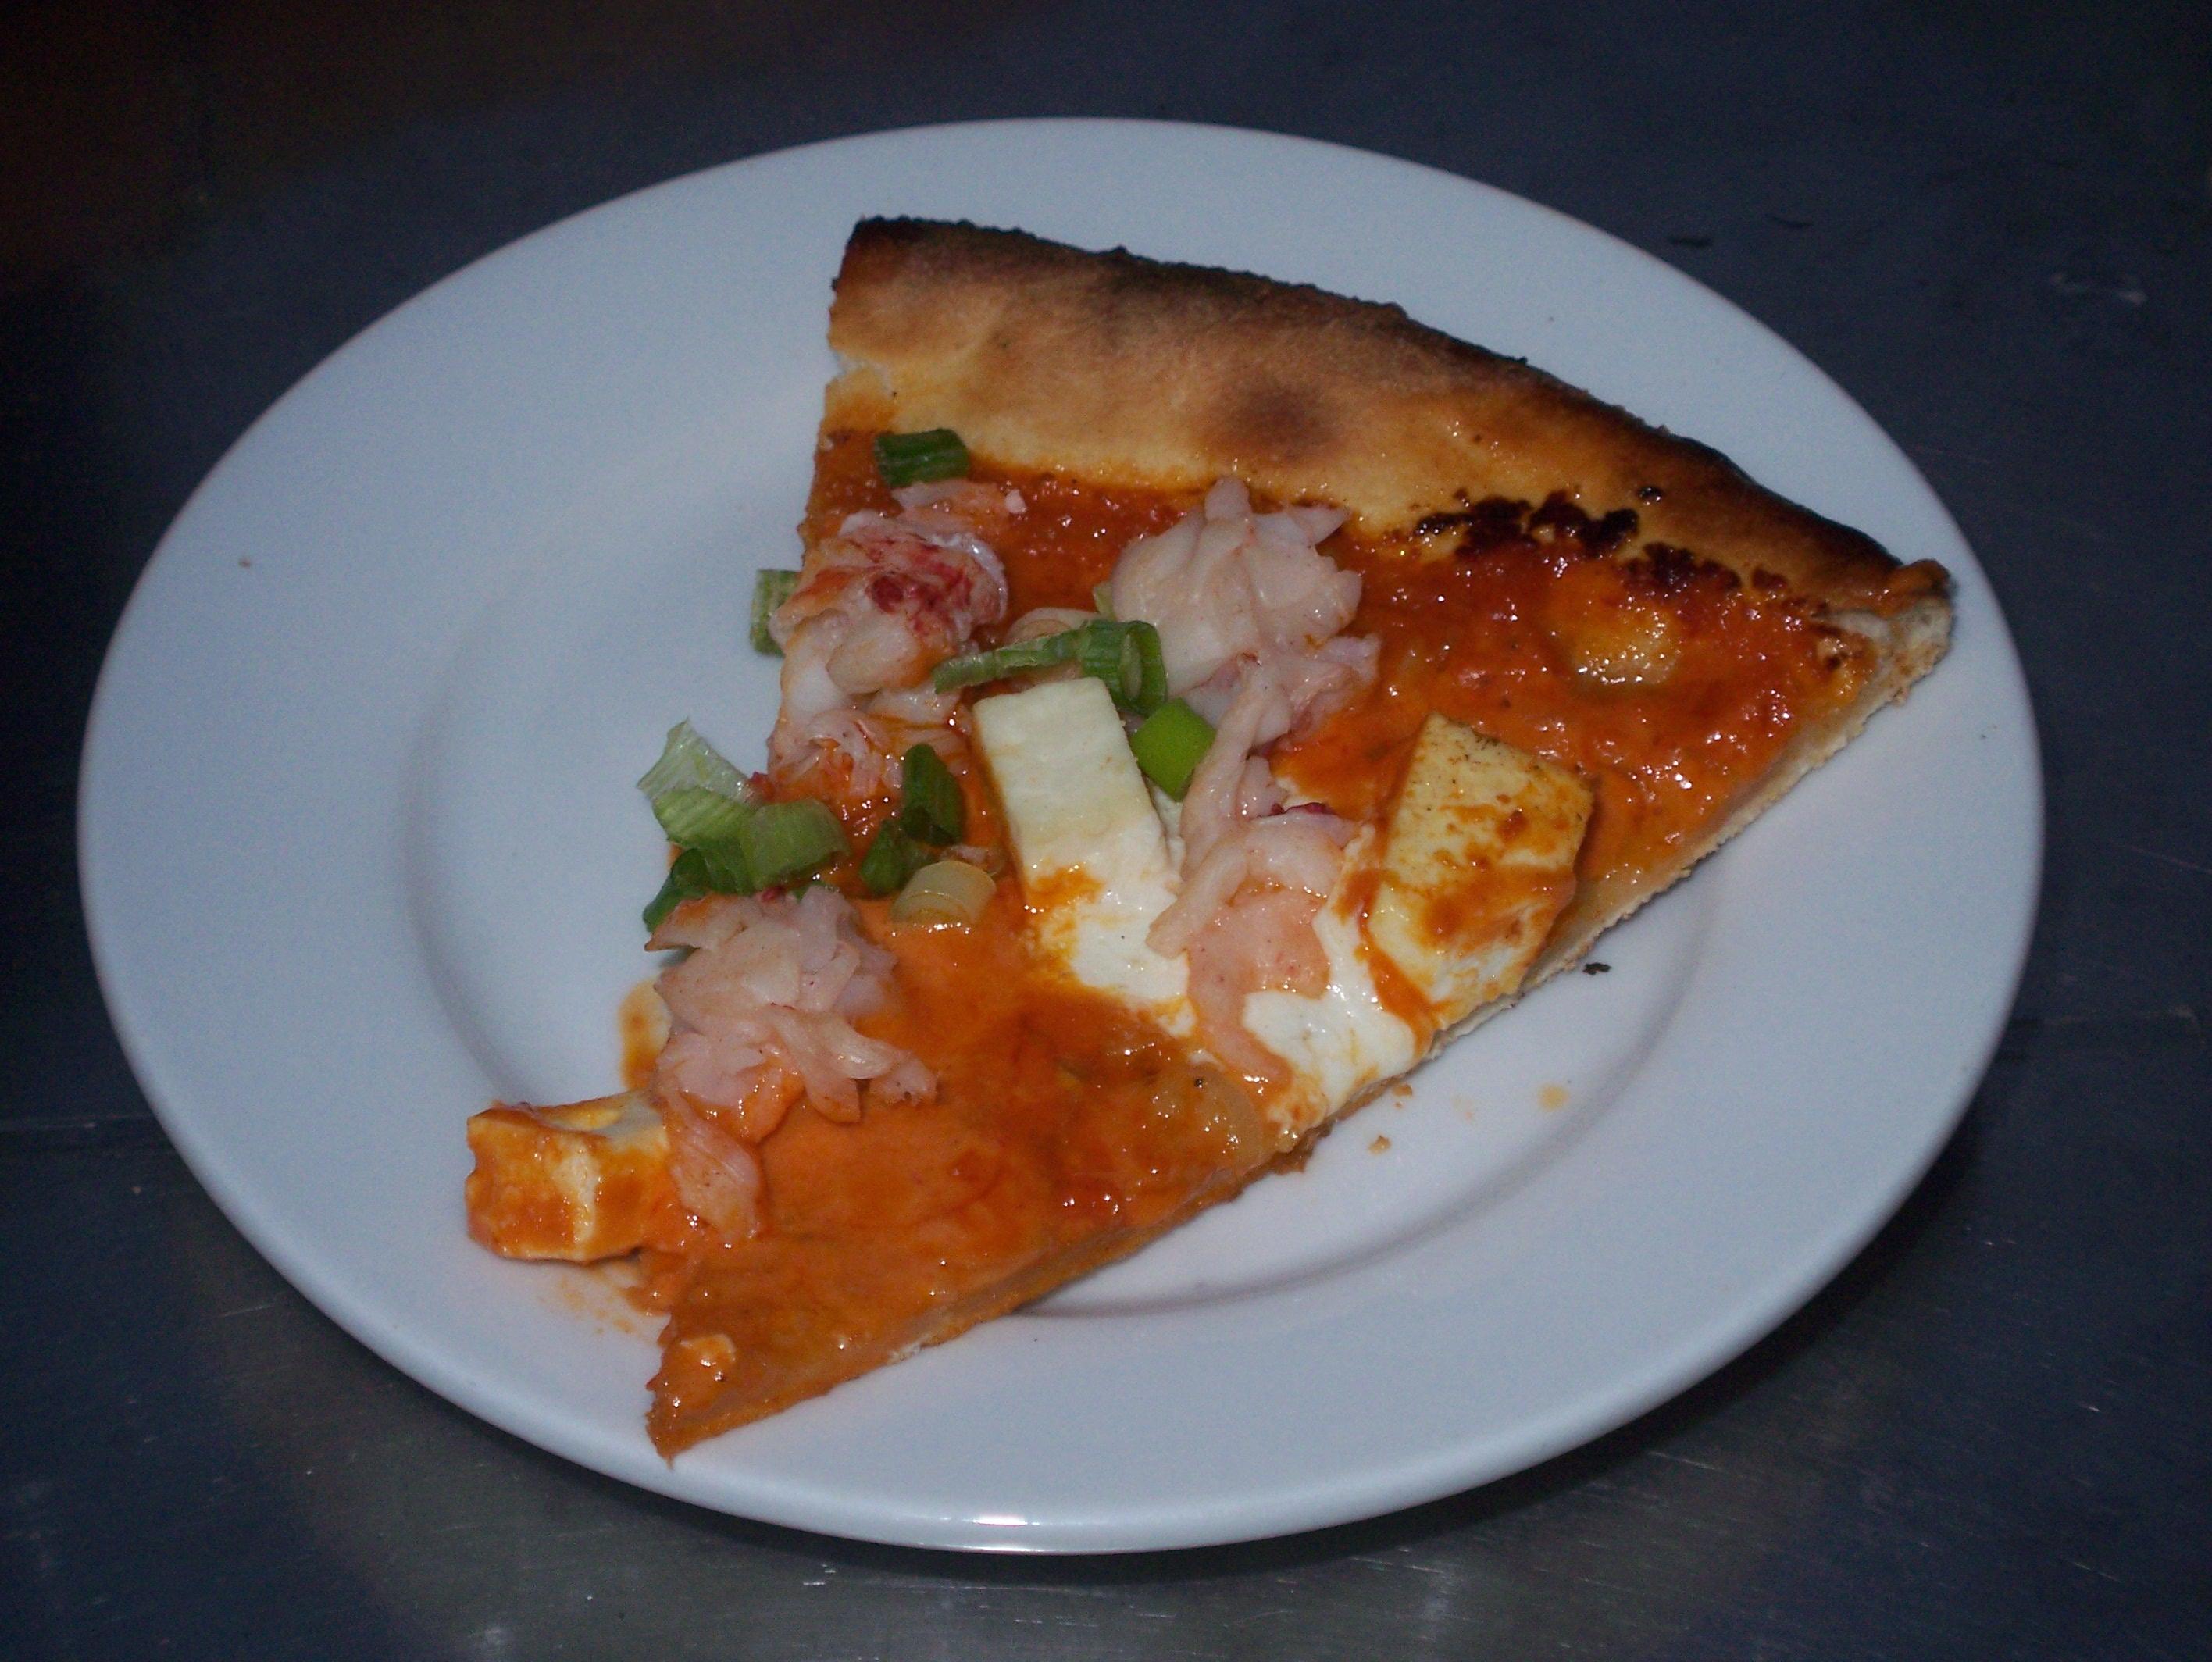 Lobster Dinner at 121 Restaurant in North Salem - lohudfood